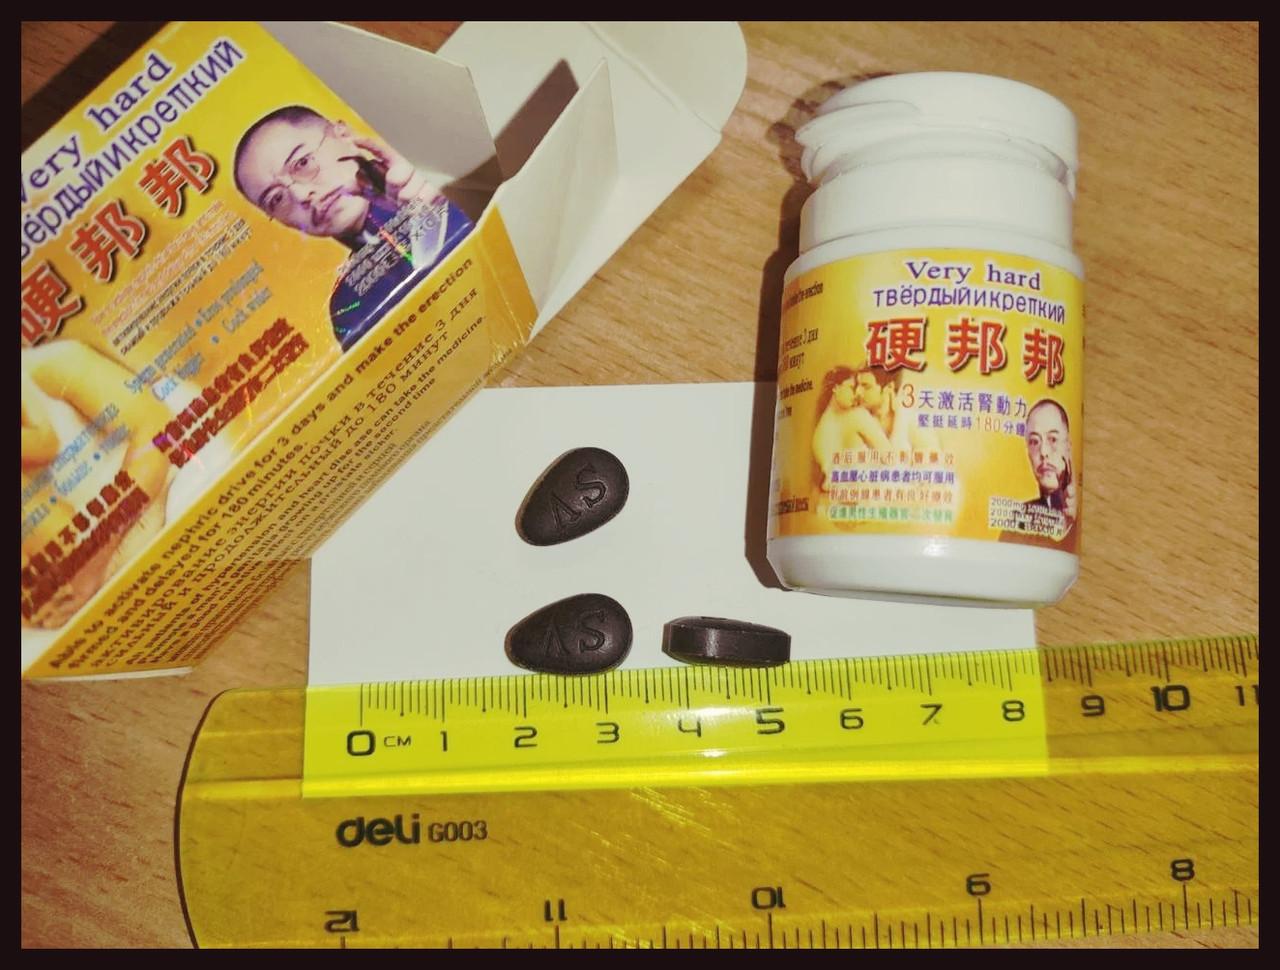 В НАЛИЧИИ! Твердый и крепкий  - таблетки для поднятия потенции препарат для потенции